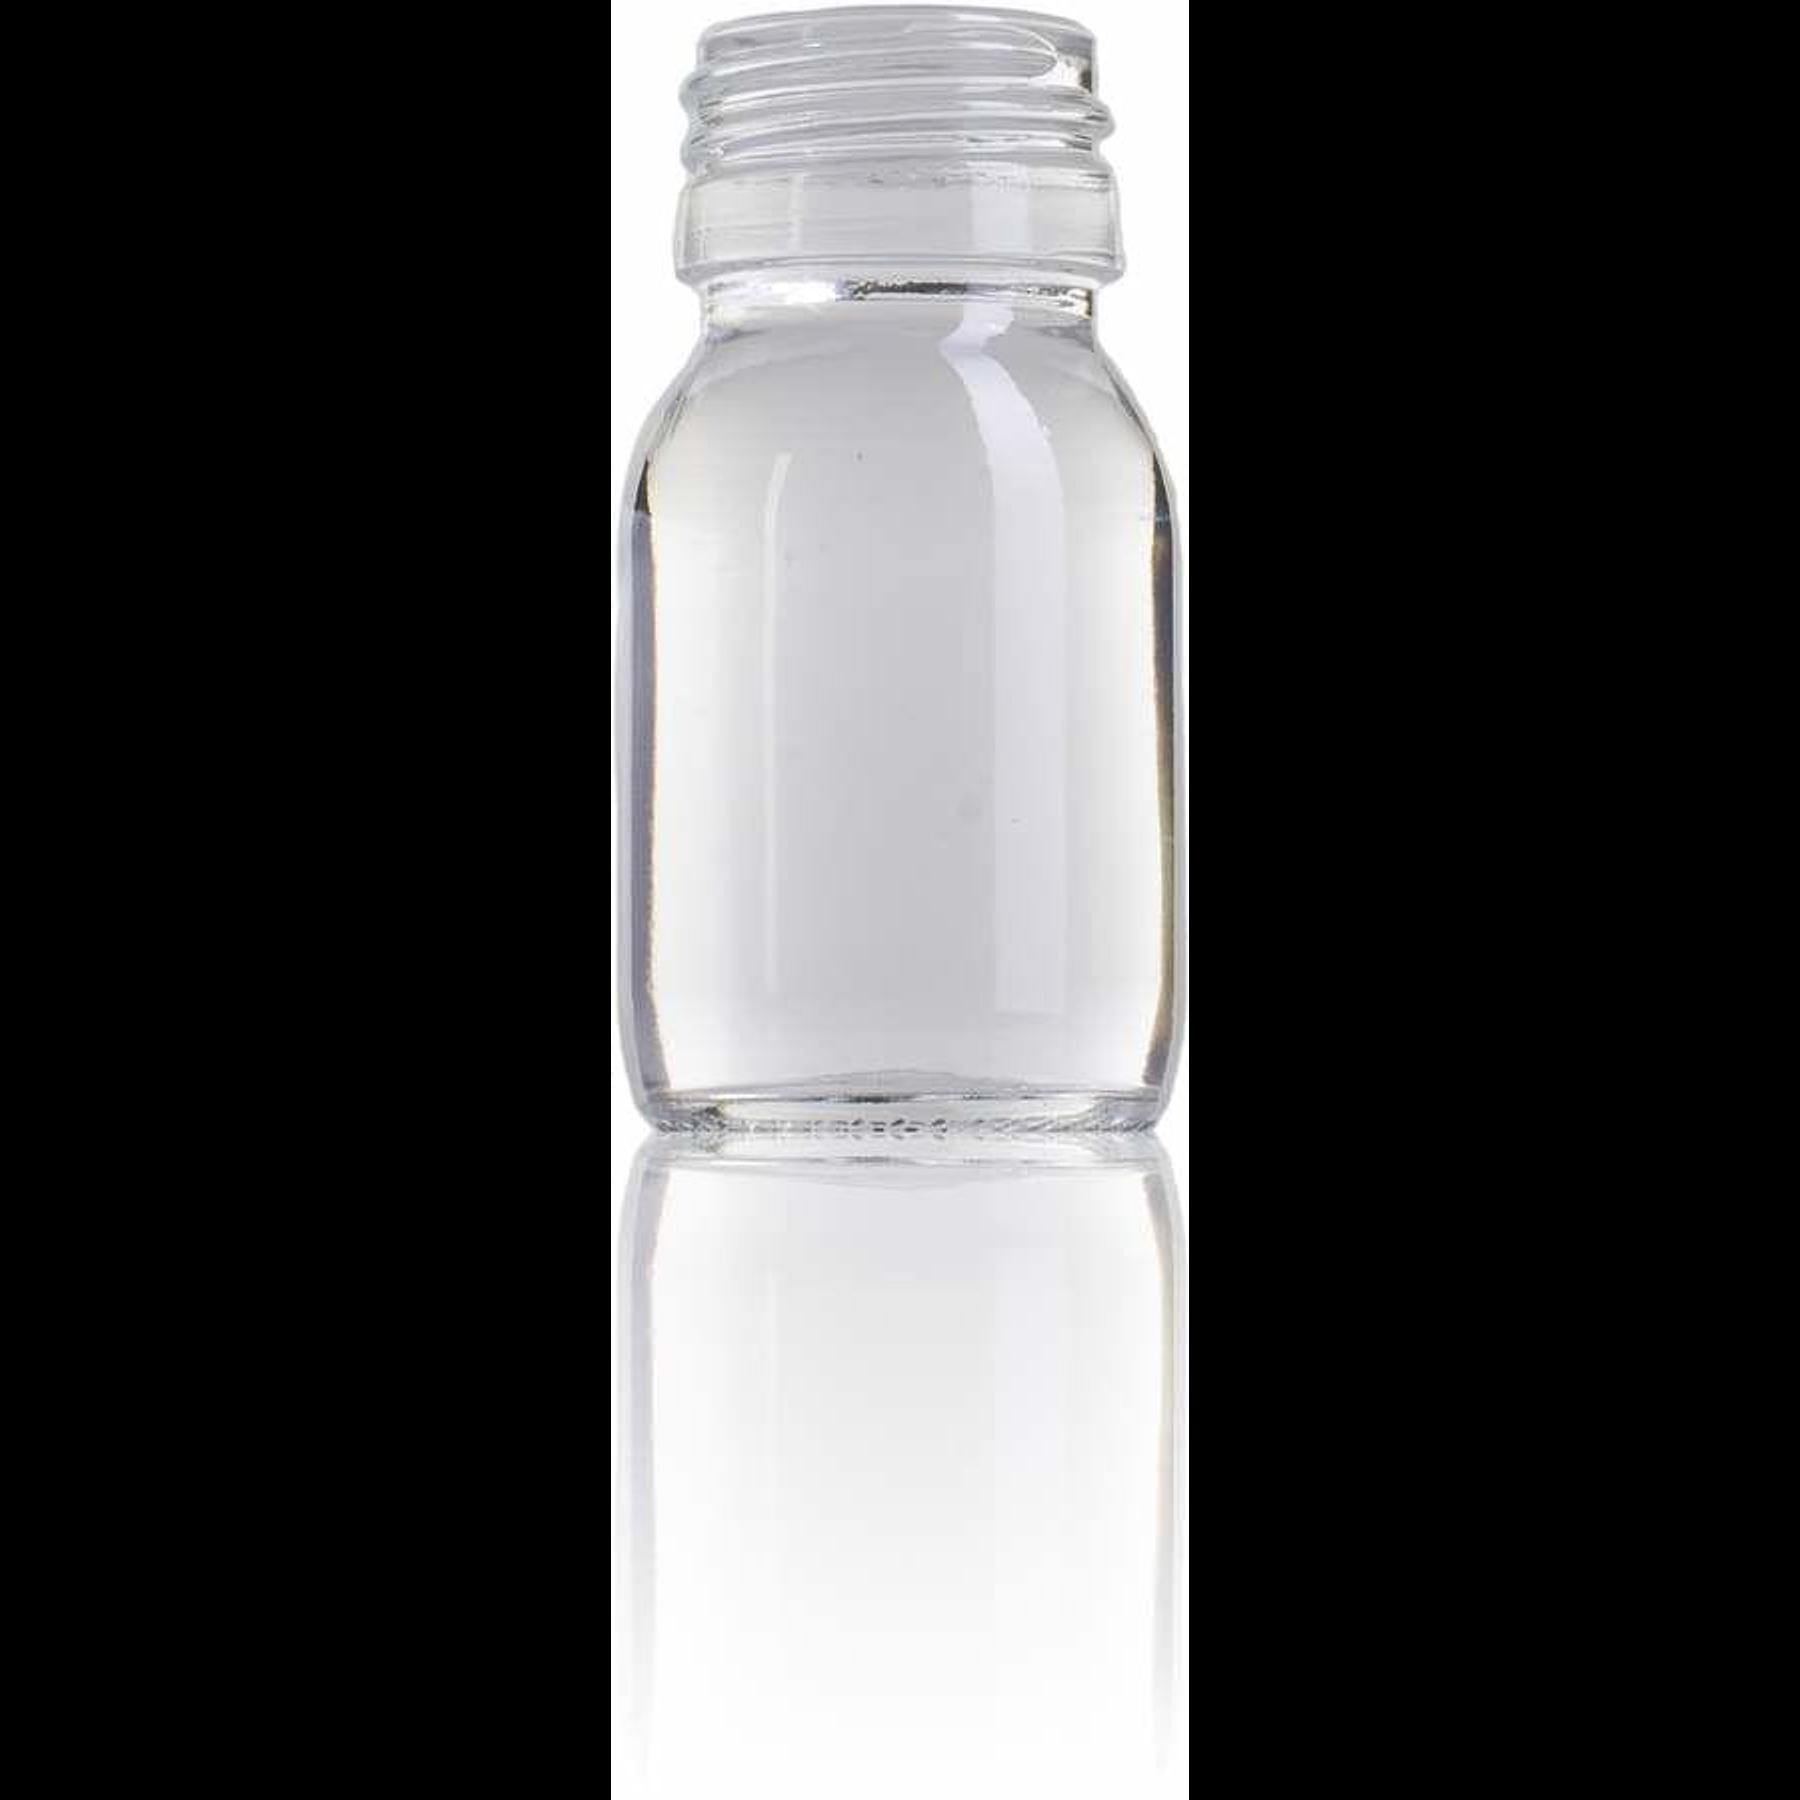 Botella de vidrio de 30ml